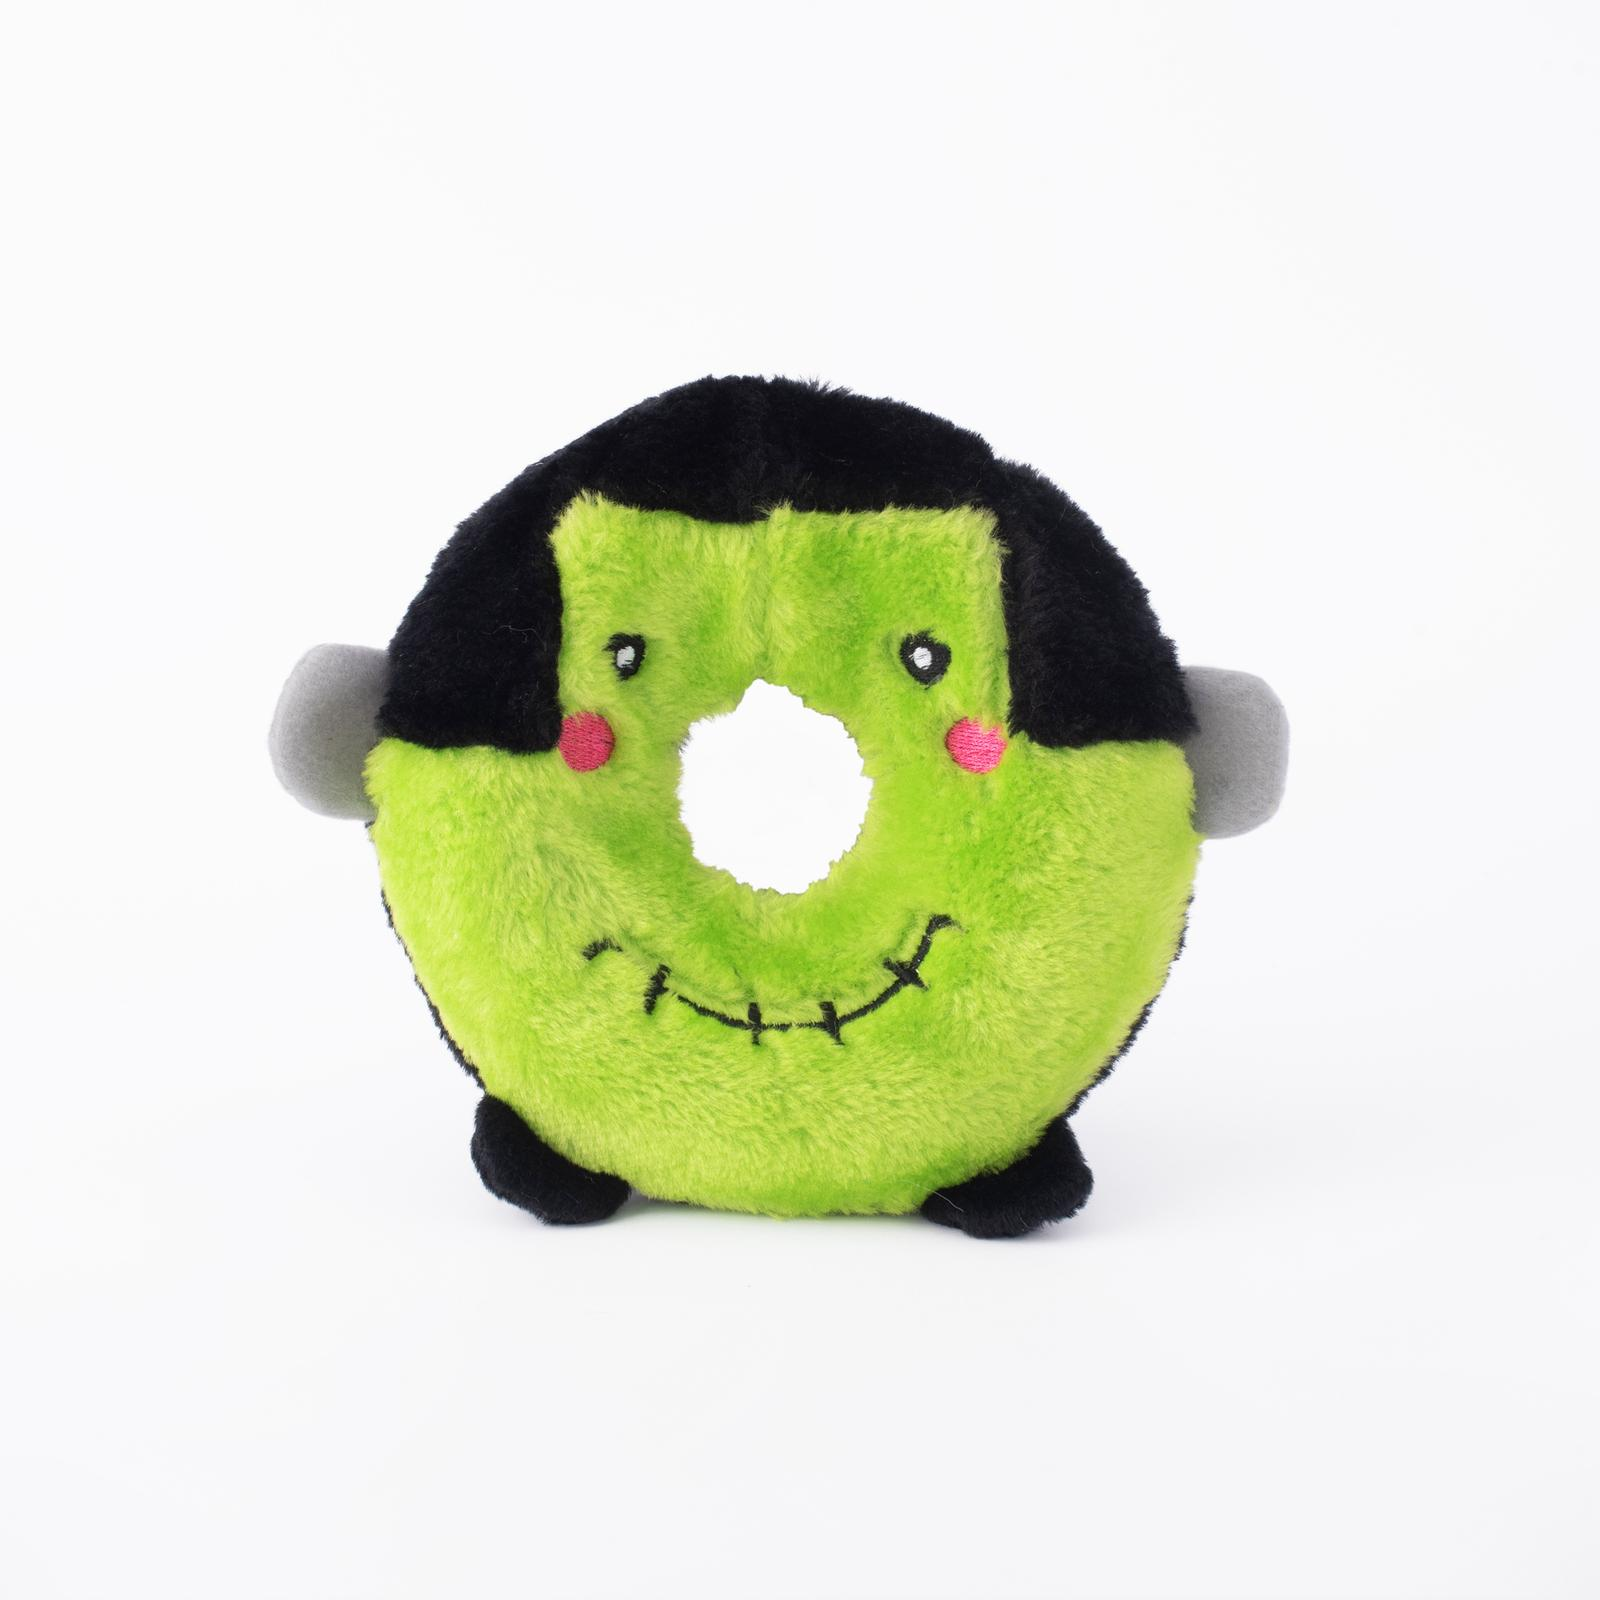 ZippyPaws Halloween Donutz Buddies Frankenstein's Monster Dog Toy